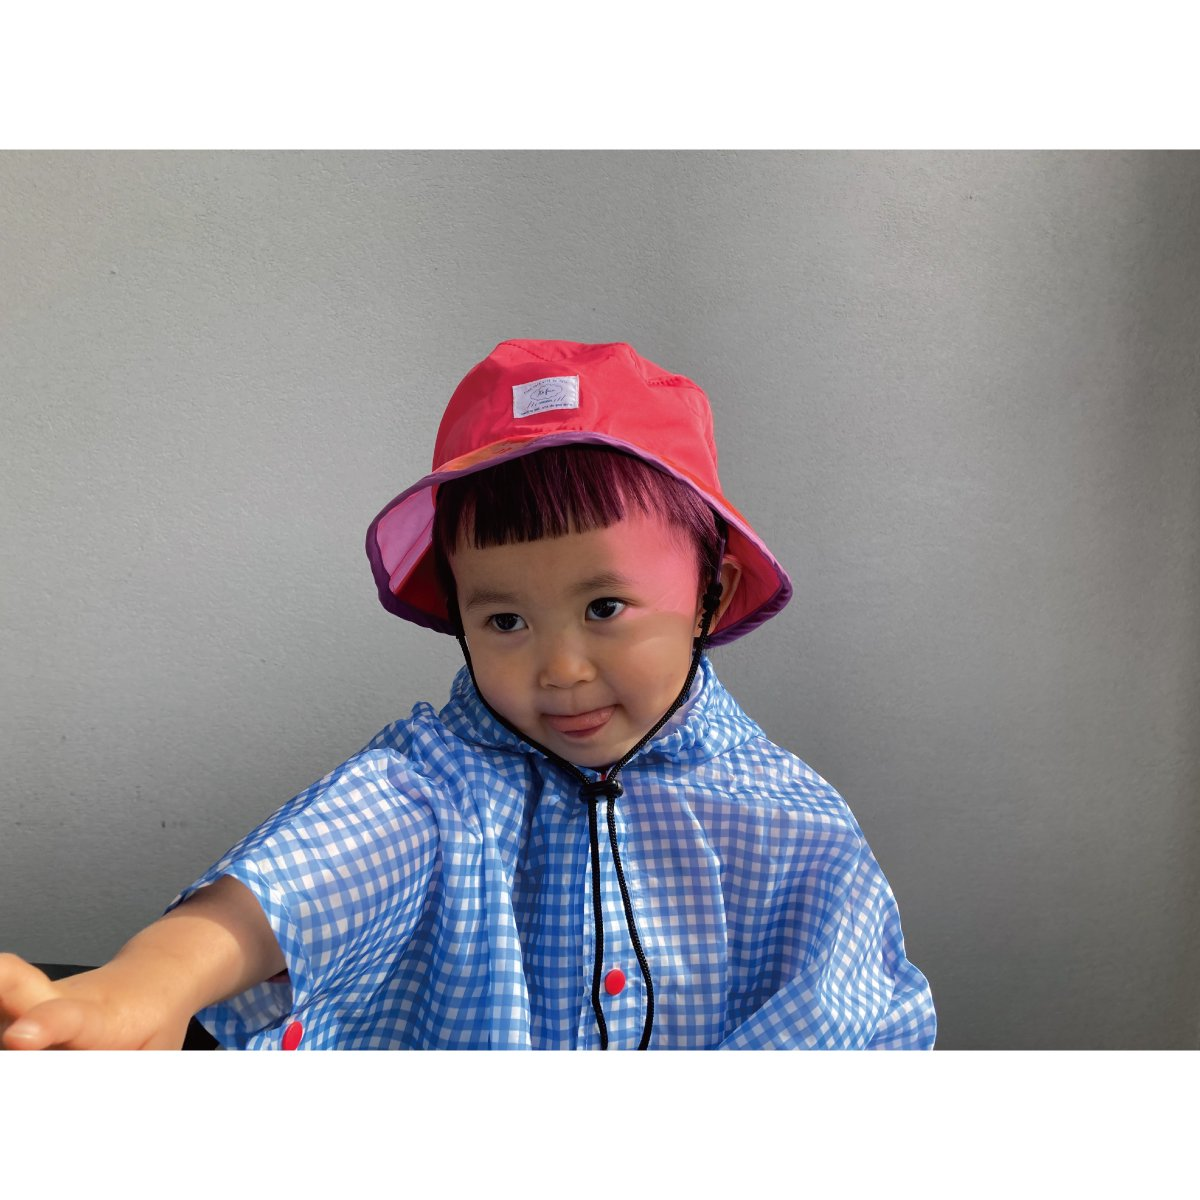 【KIDS】Rain PVC Hat 詳細画像18